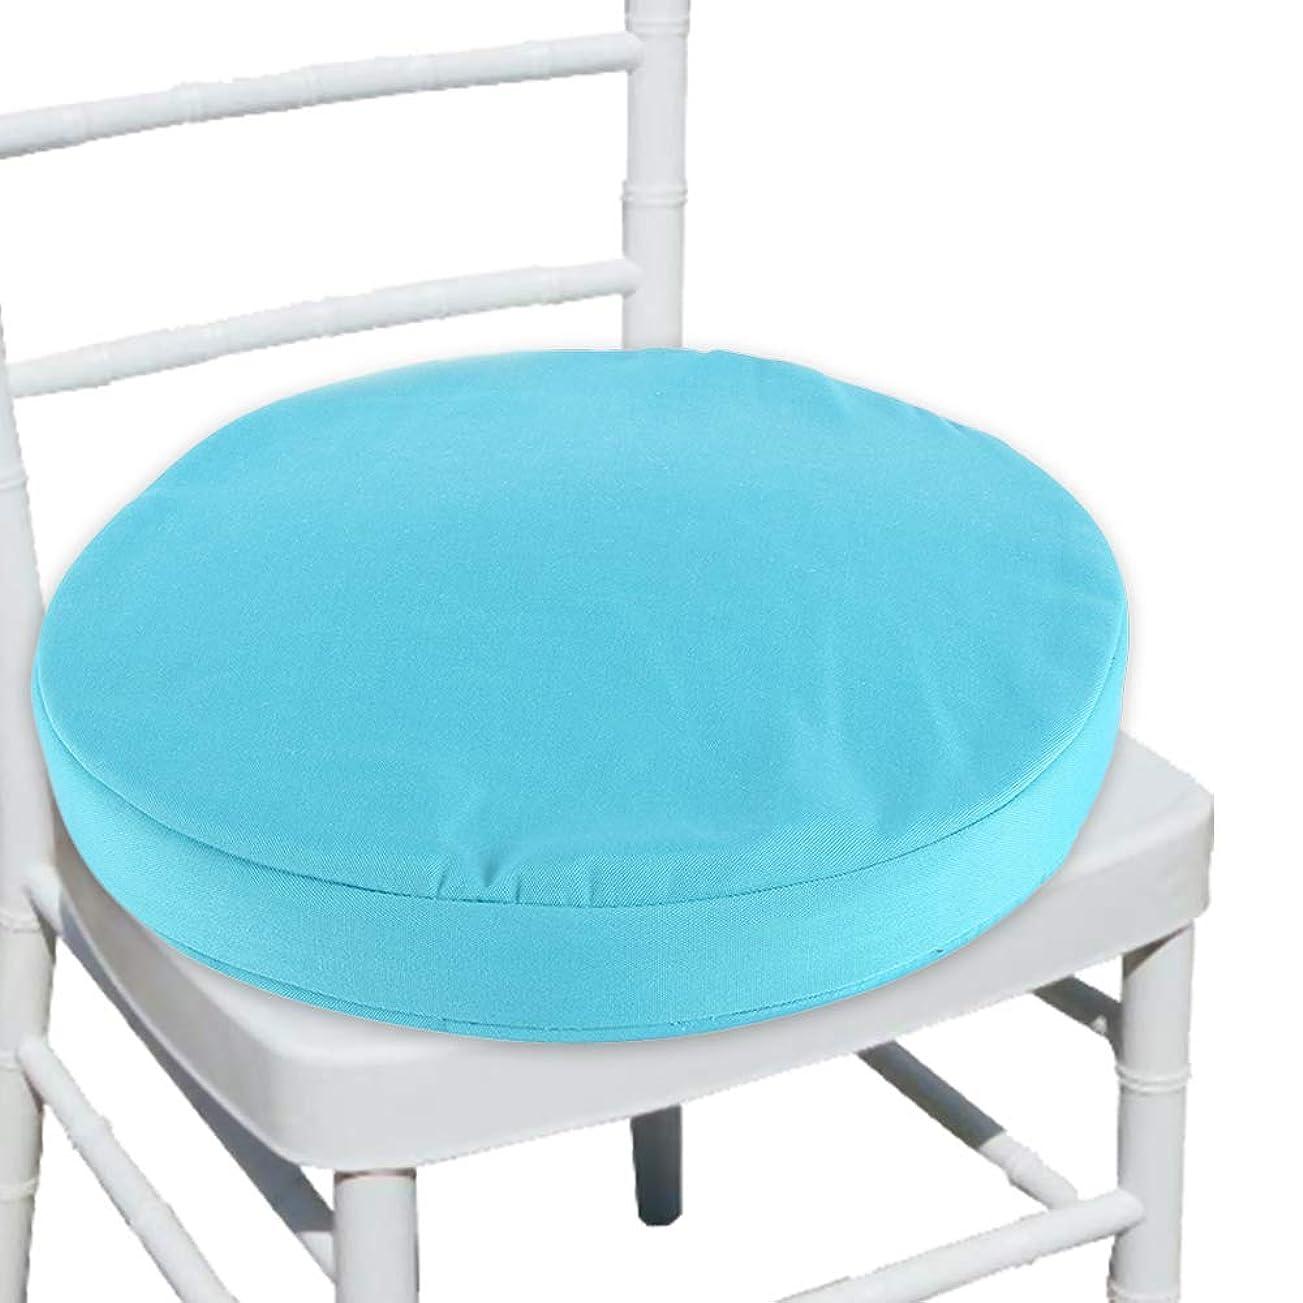 なめらかな救い例示するPowanfity 座布団 椅子用 丸型 低反発 洗える ラウンドクッション 体圧分散 持ち運ぶ便利 自宅用 通気性 抗菌防臭 水色 グリーン 黒 (水色)